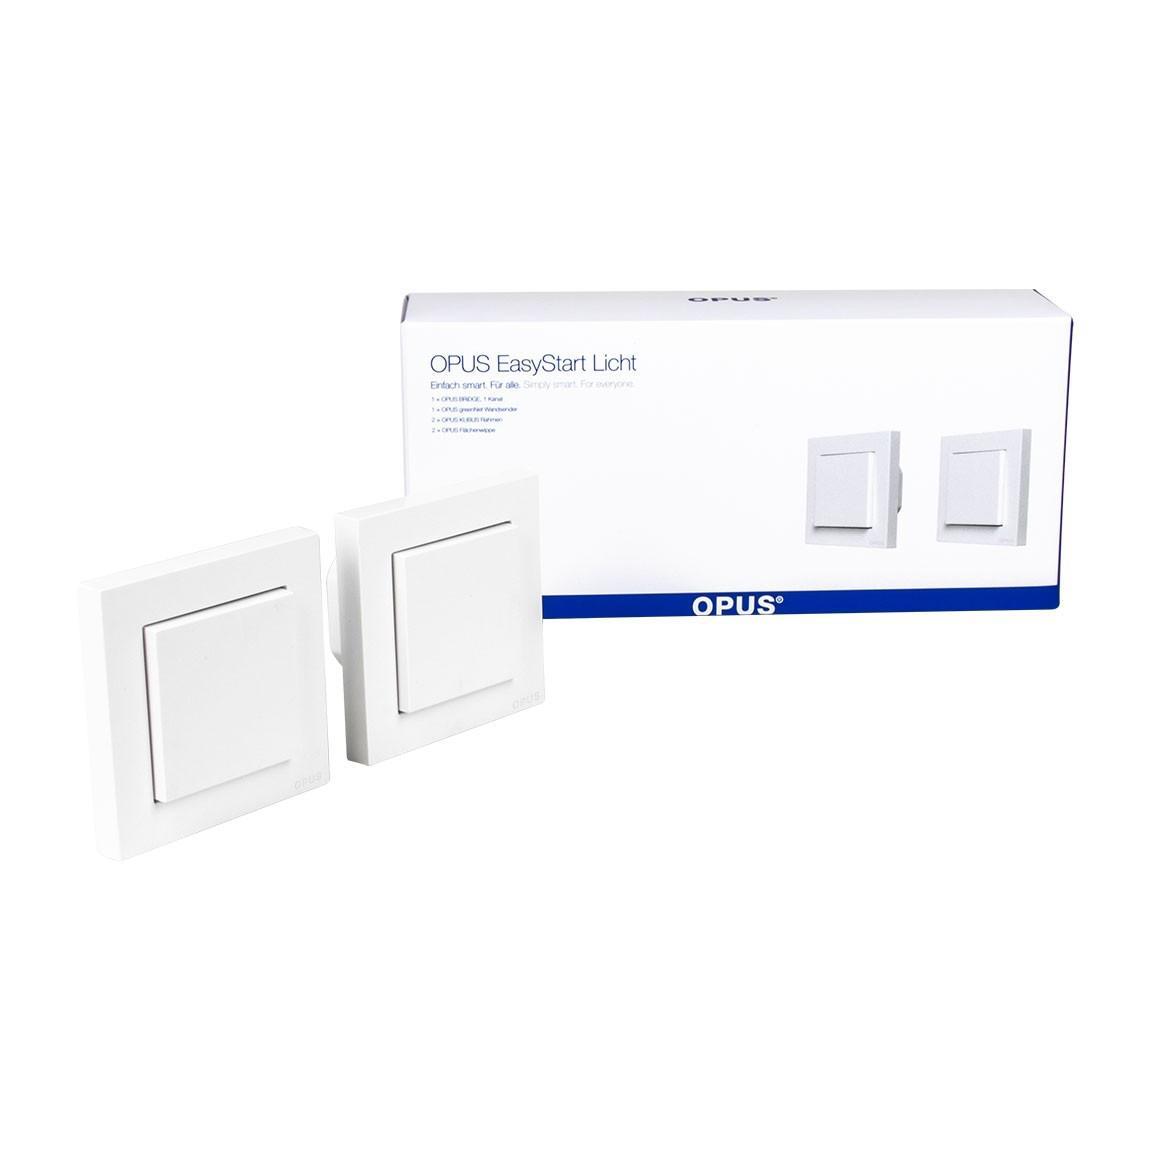 OPUS EasyStart Licht - Weiß